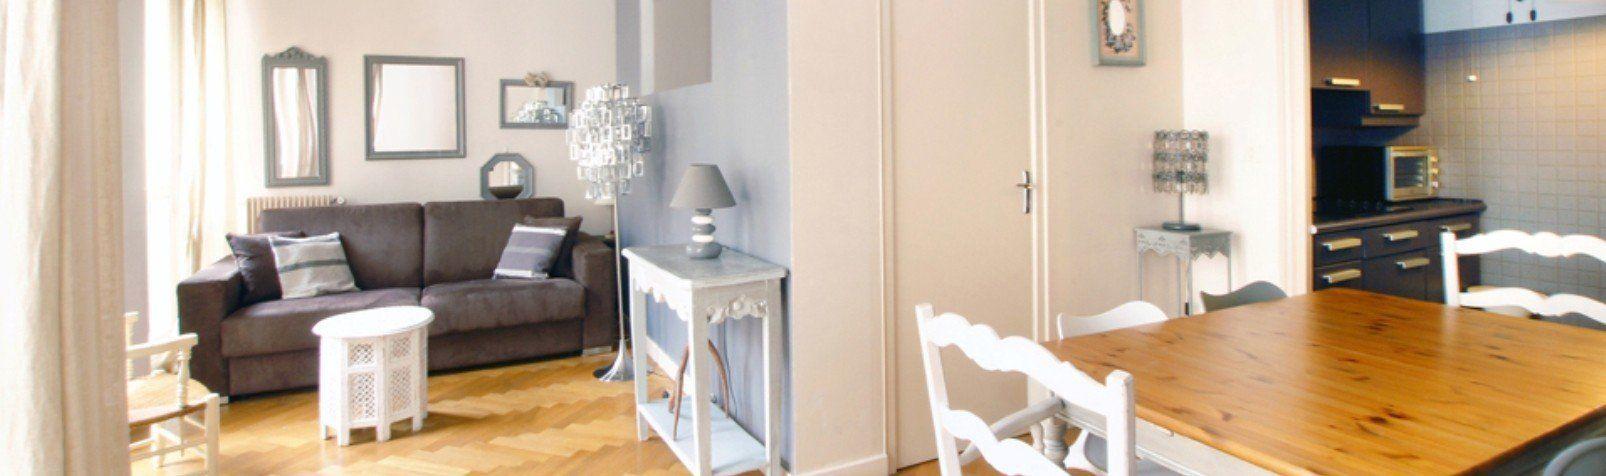 Location appartement meubl avec 1 chambre location saisonni re lyon 2 saint antoine - Location studio meuble lyon 2 ...